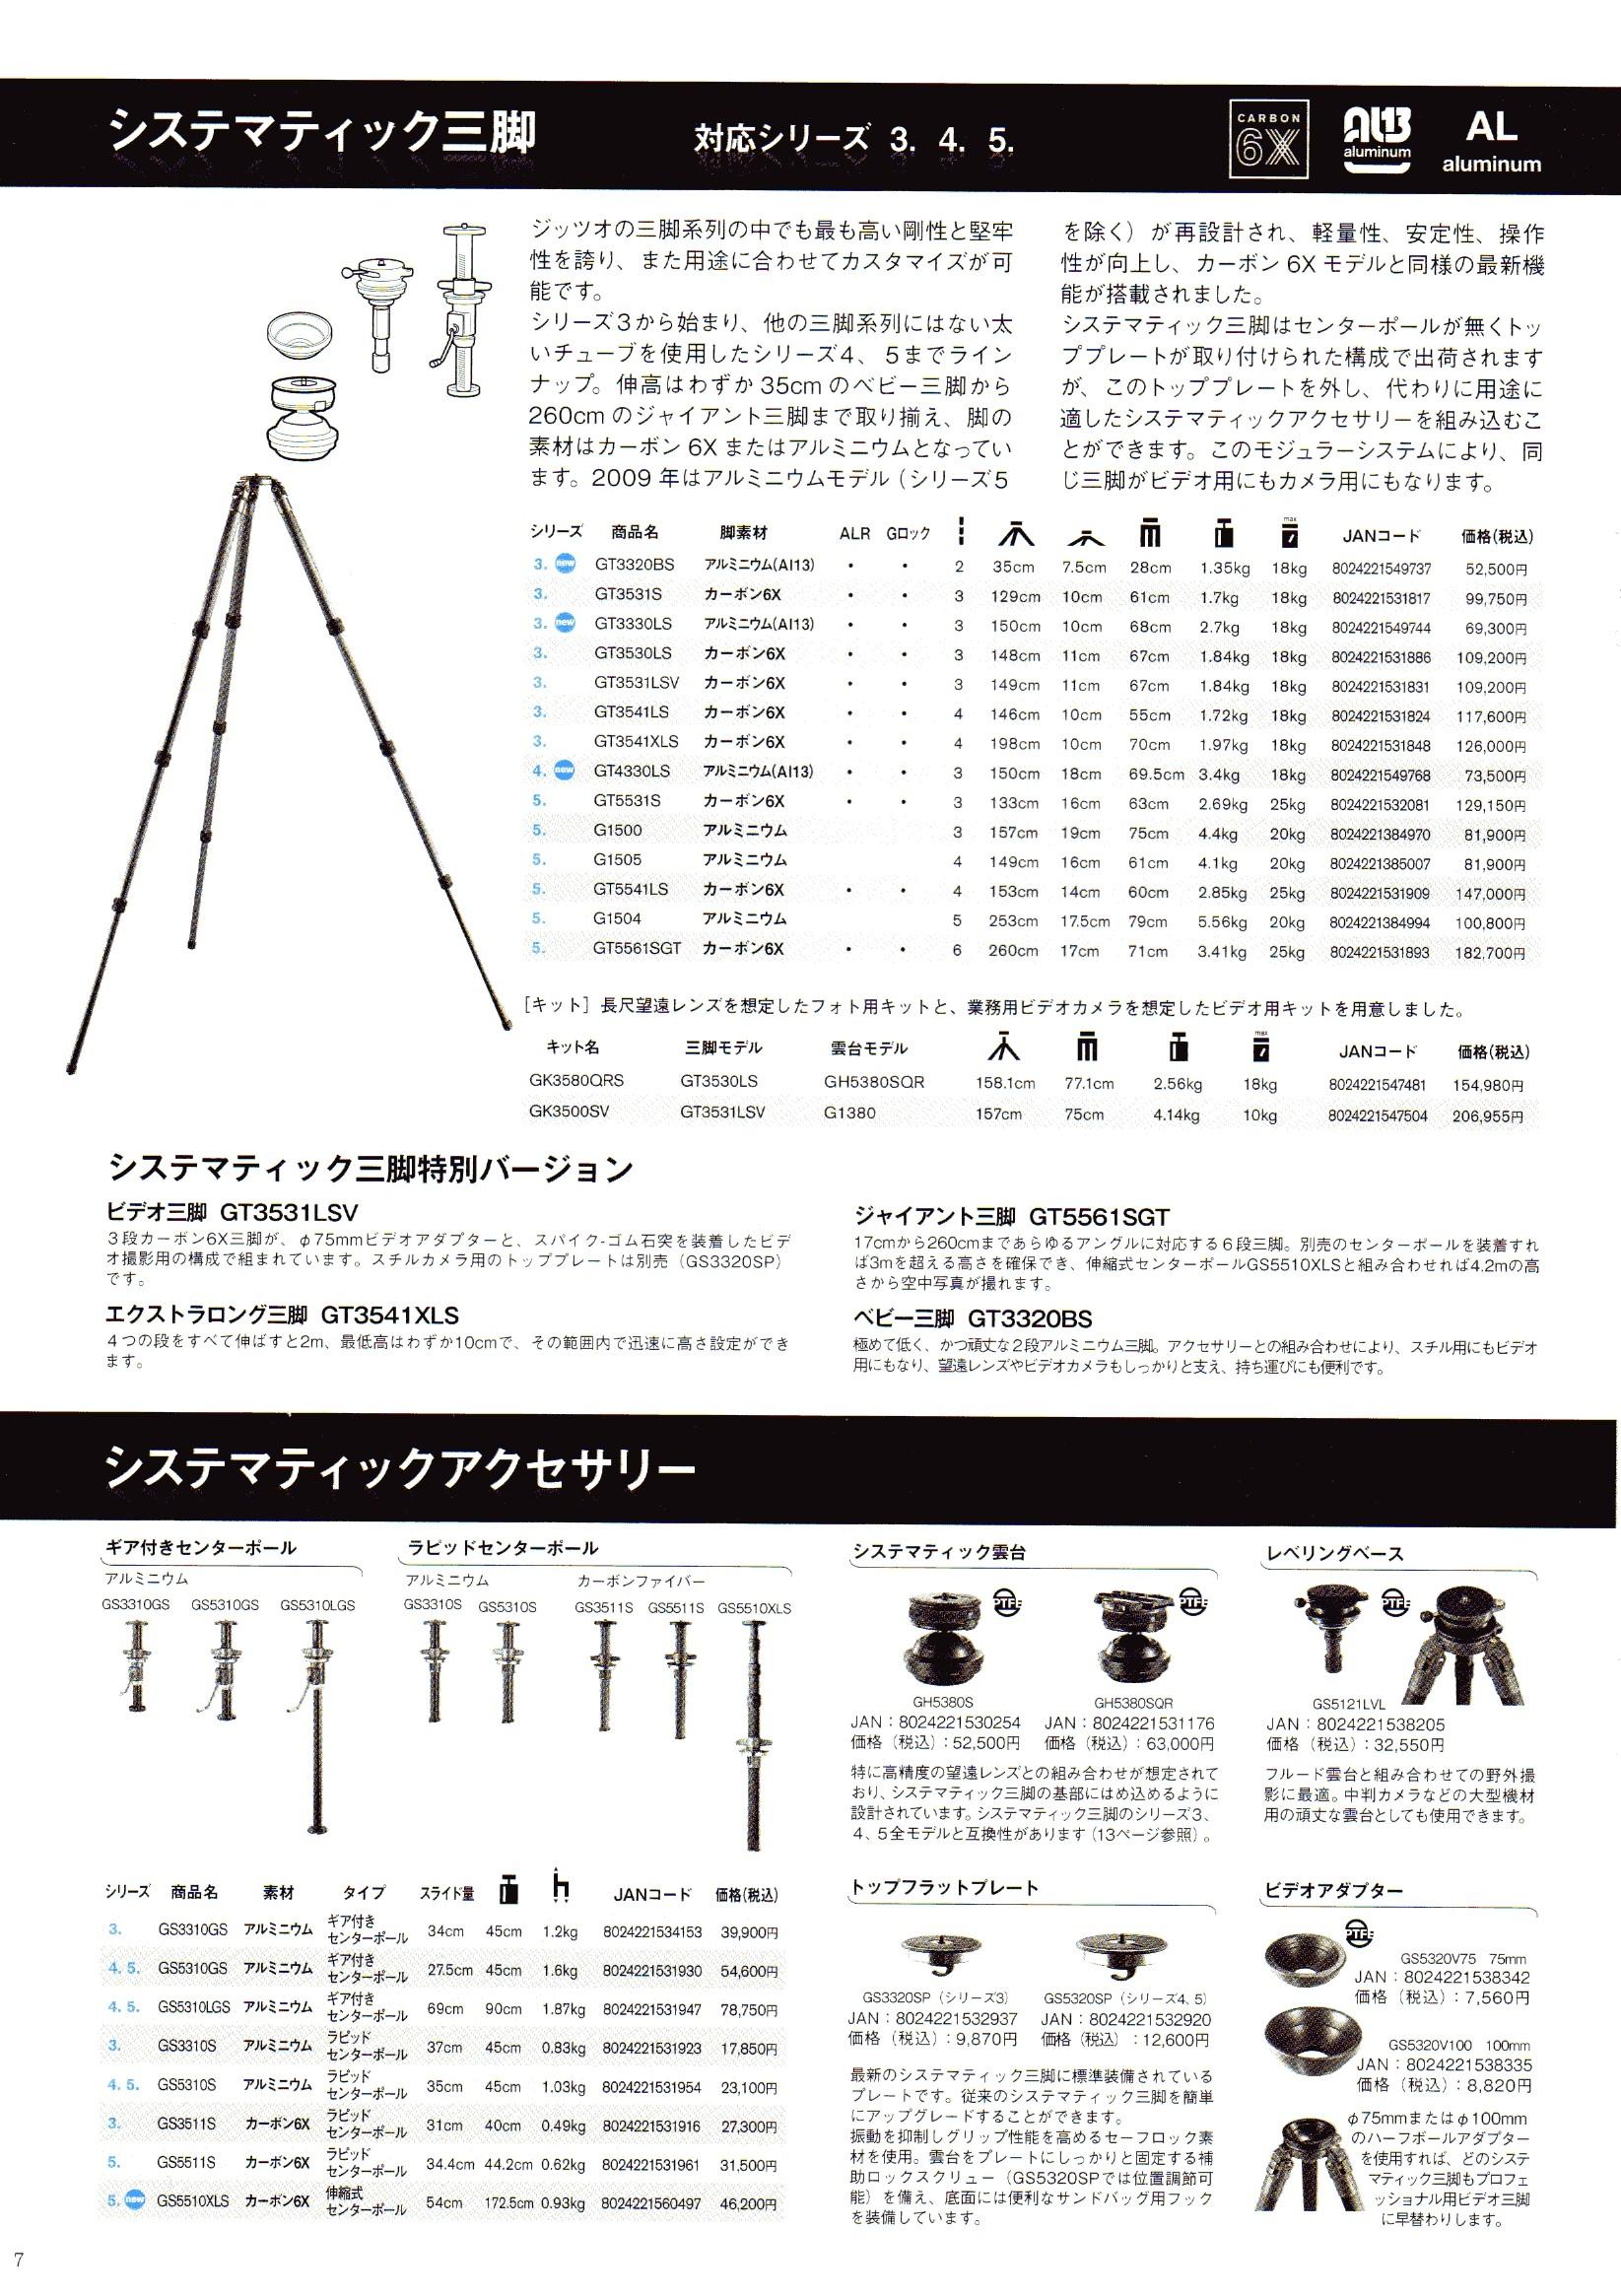 デジタル一眼レフカメラ比較・選び方入門 デジ一.com GITZO(ジッツオ/ジッツォ)最新カタログ P007(三脚)